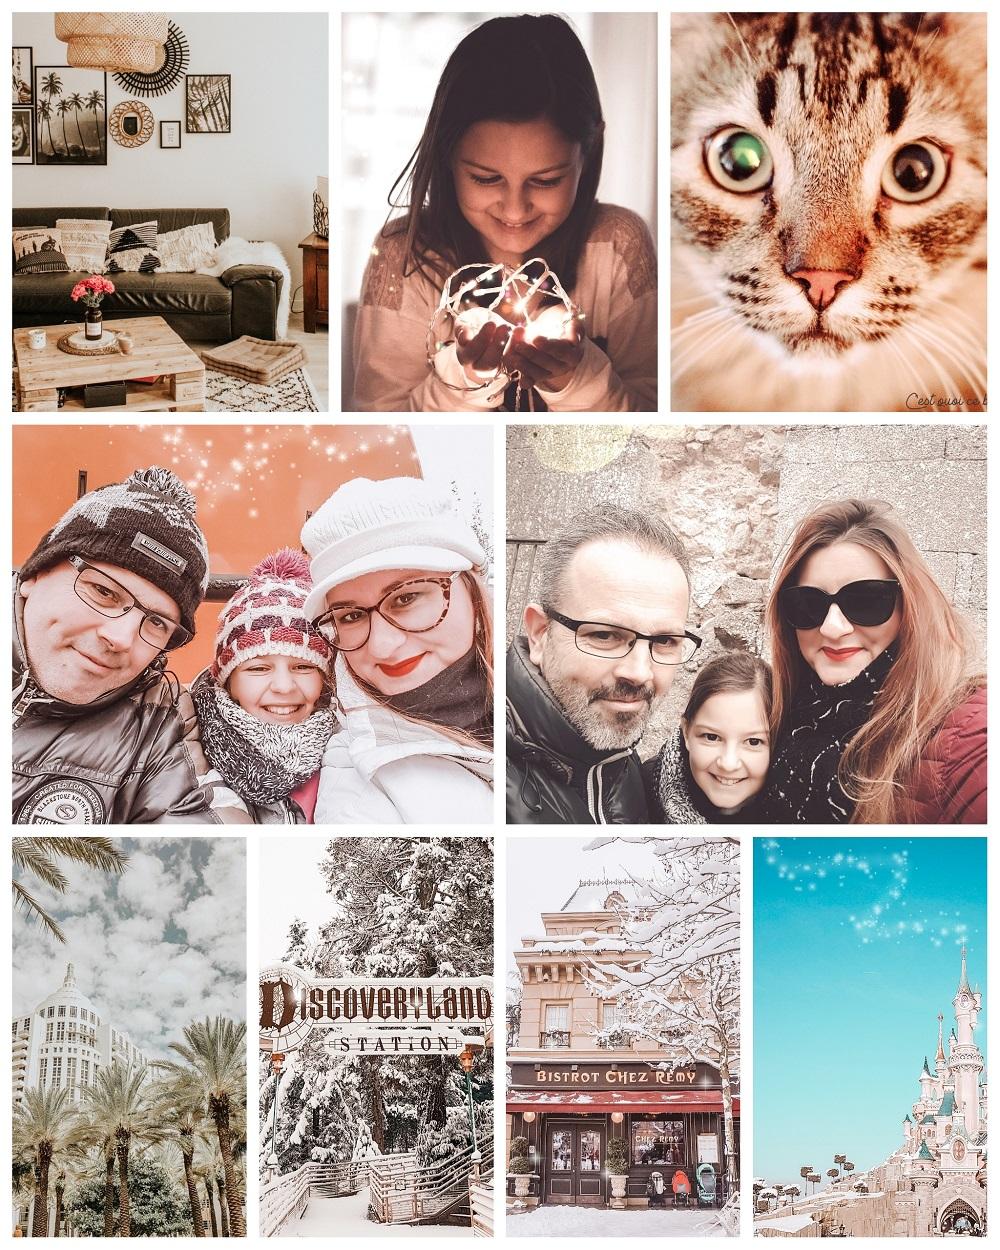 La vie jolie de février (blog famille)